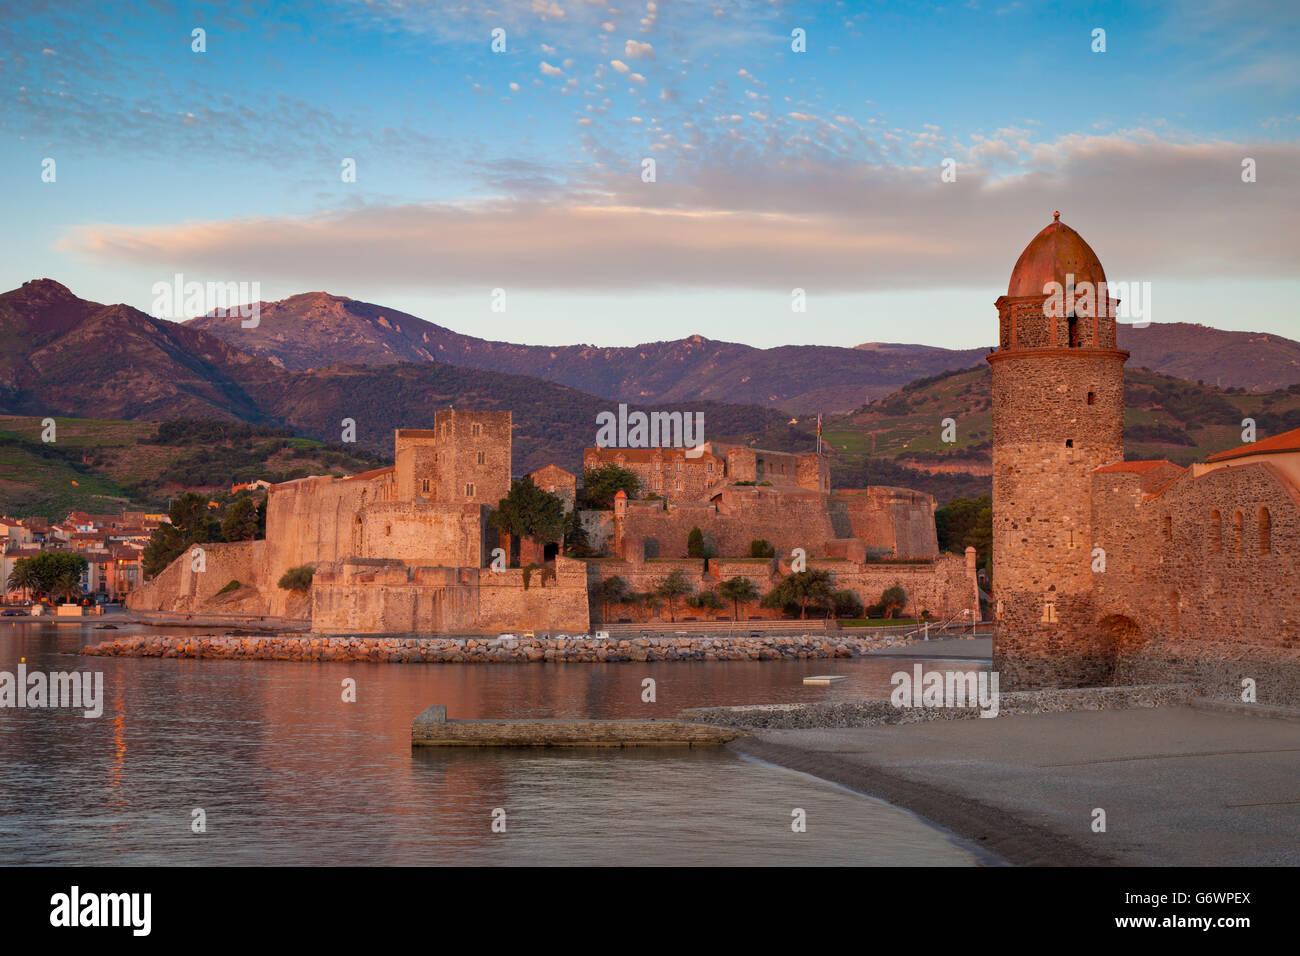 La primera luz del alba en la ciudad de Collioure, Pirineos Orientales, Languedoc-Rosellón, Francia Imagen De Stock